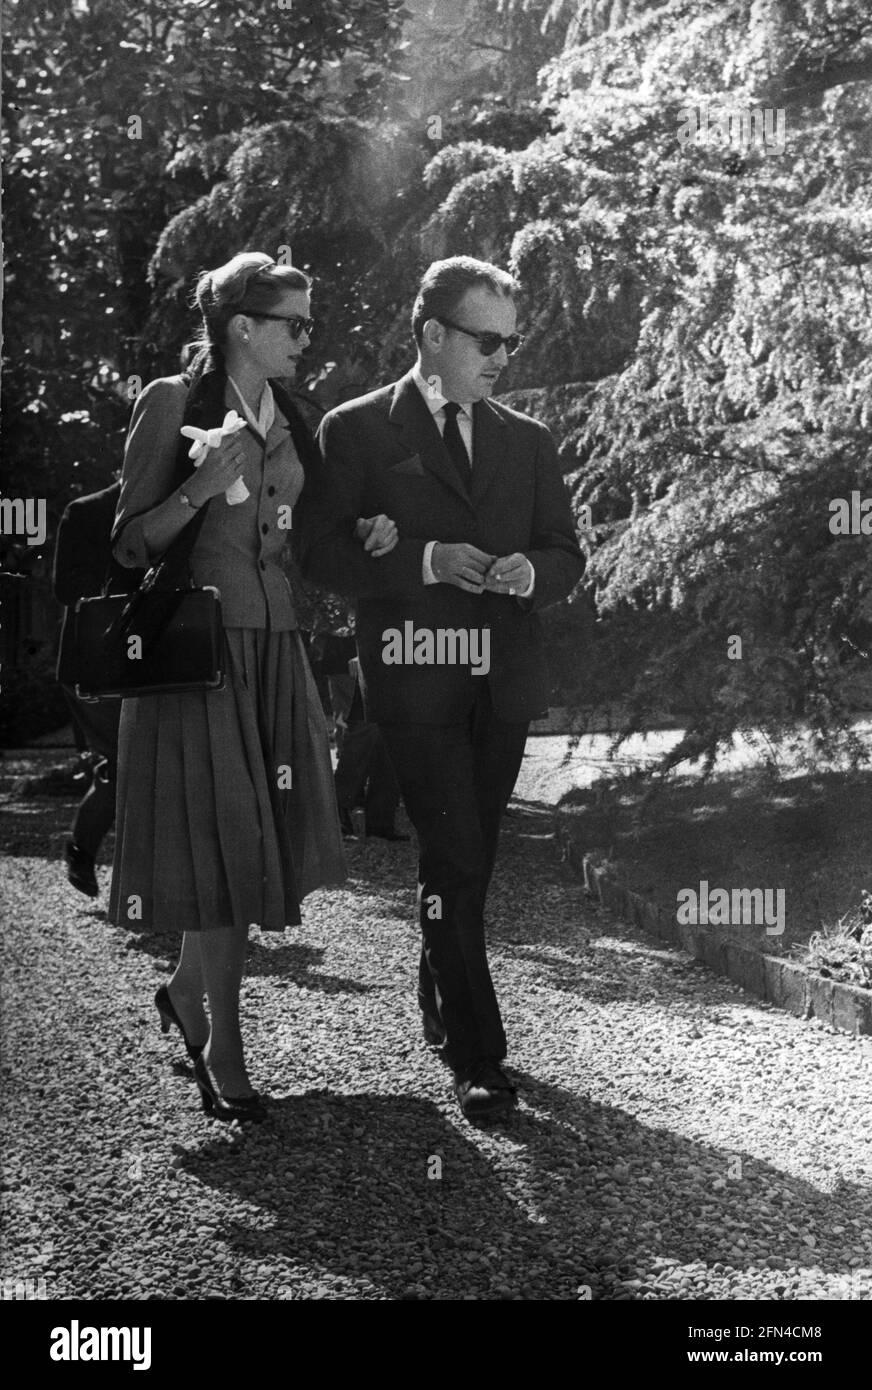 Kelly, Grace, 12.11.1929 -, 14.9.1982, actrice américaine, Avec le Prince Rainier III, de Monaco, DES DROITS supplémentaires-AUTORISATION-INFO-NON-DISPONIBLES Banque D'Images